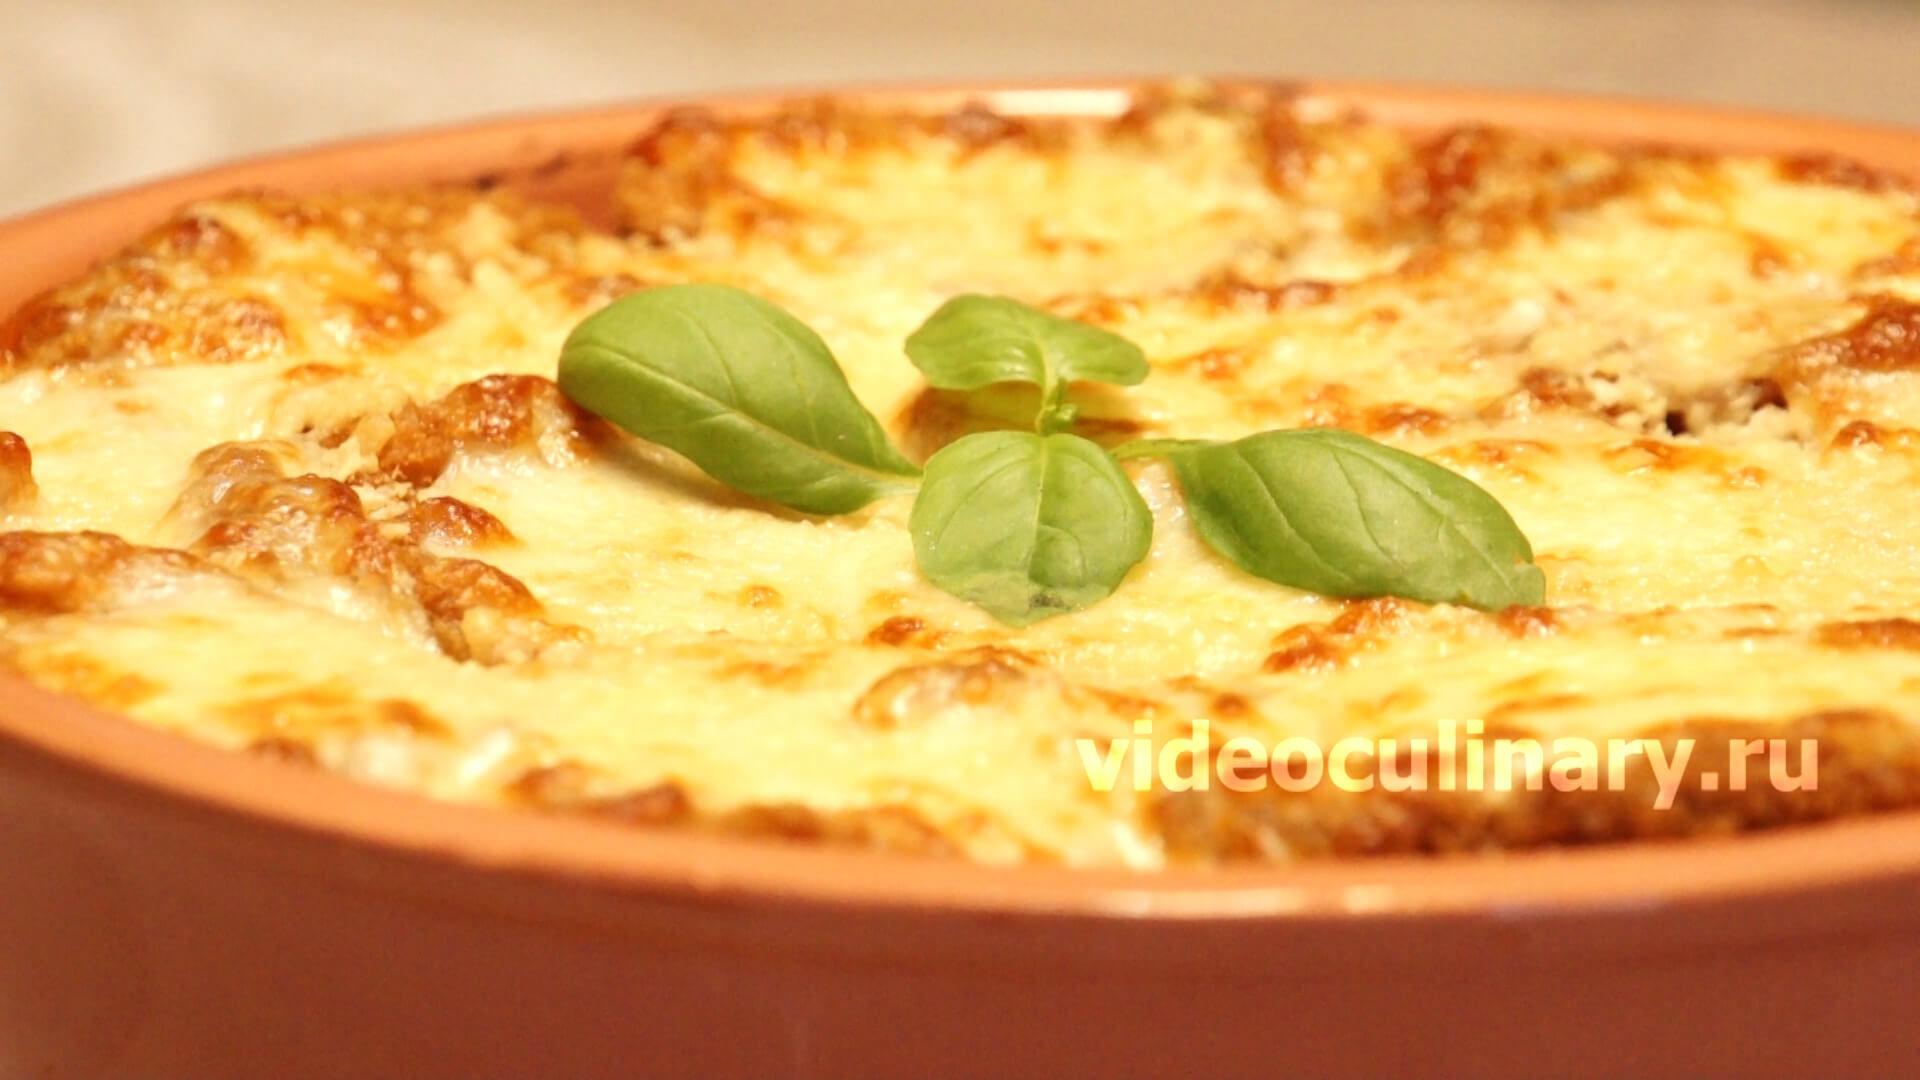 Баклажаны с сыром пармезан